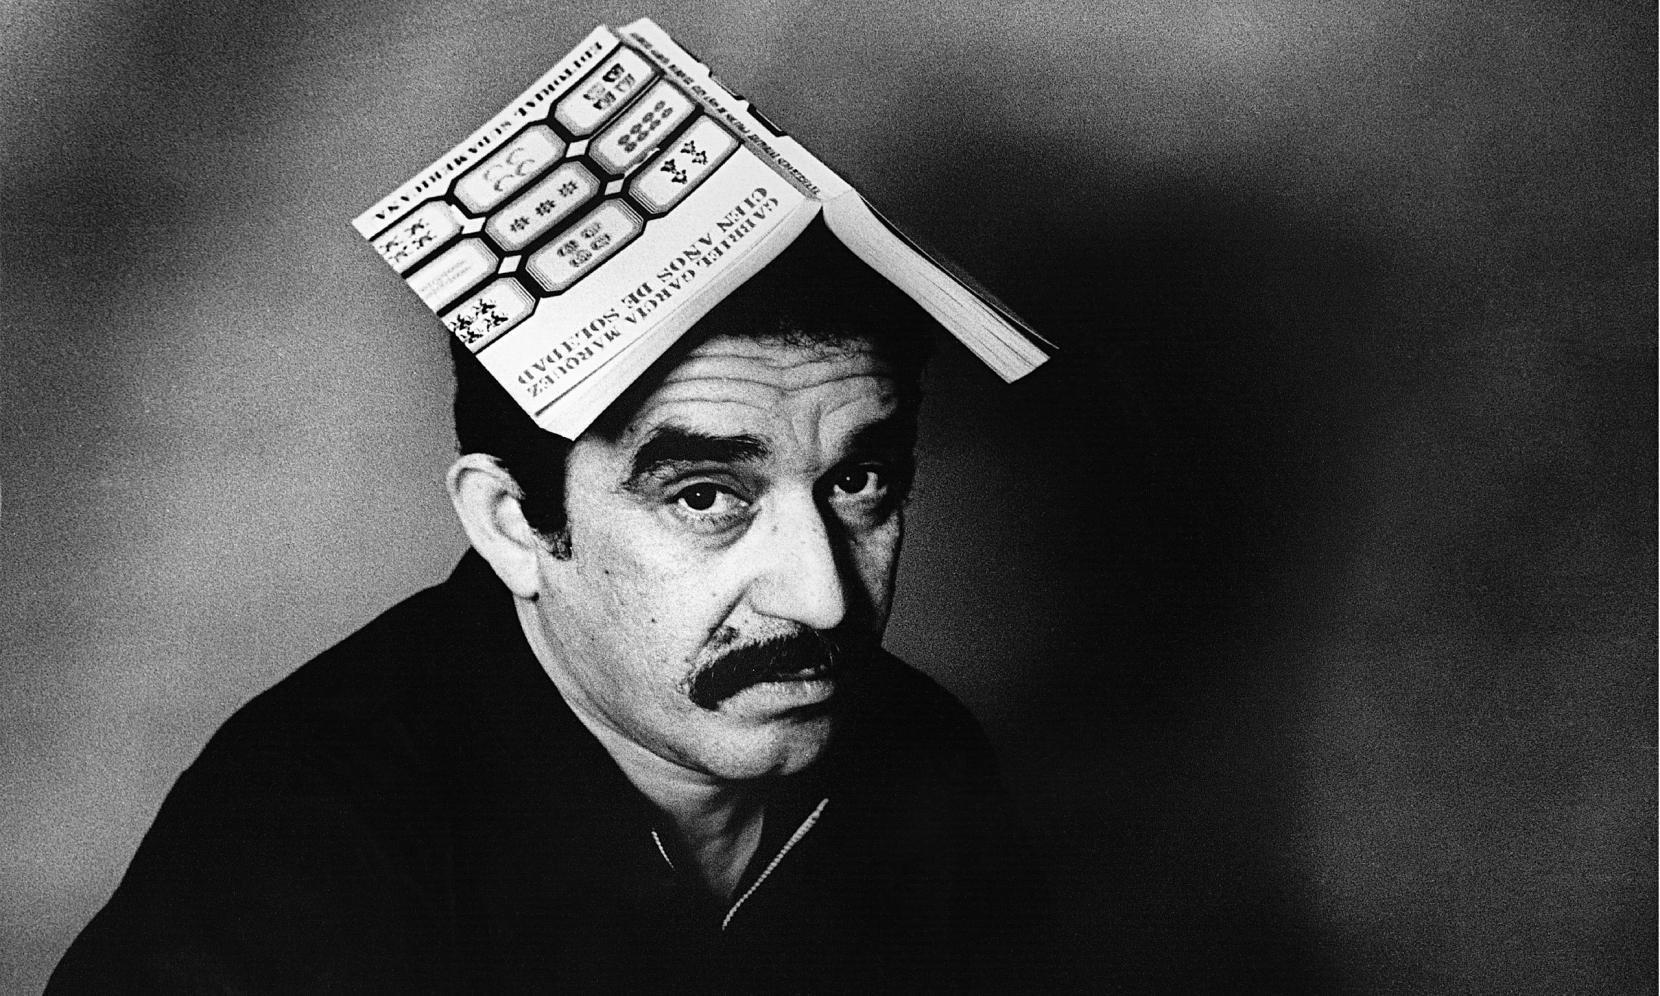 Gabriel García Márquez lleva en su cabeza la primera edición de Cien años de soledad (1967) publicada en la Argentina.  Foto tomada de: adhilac.com.ar.